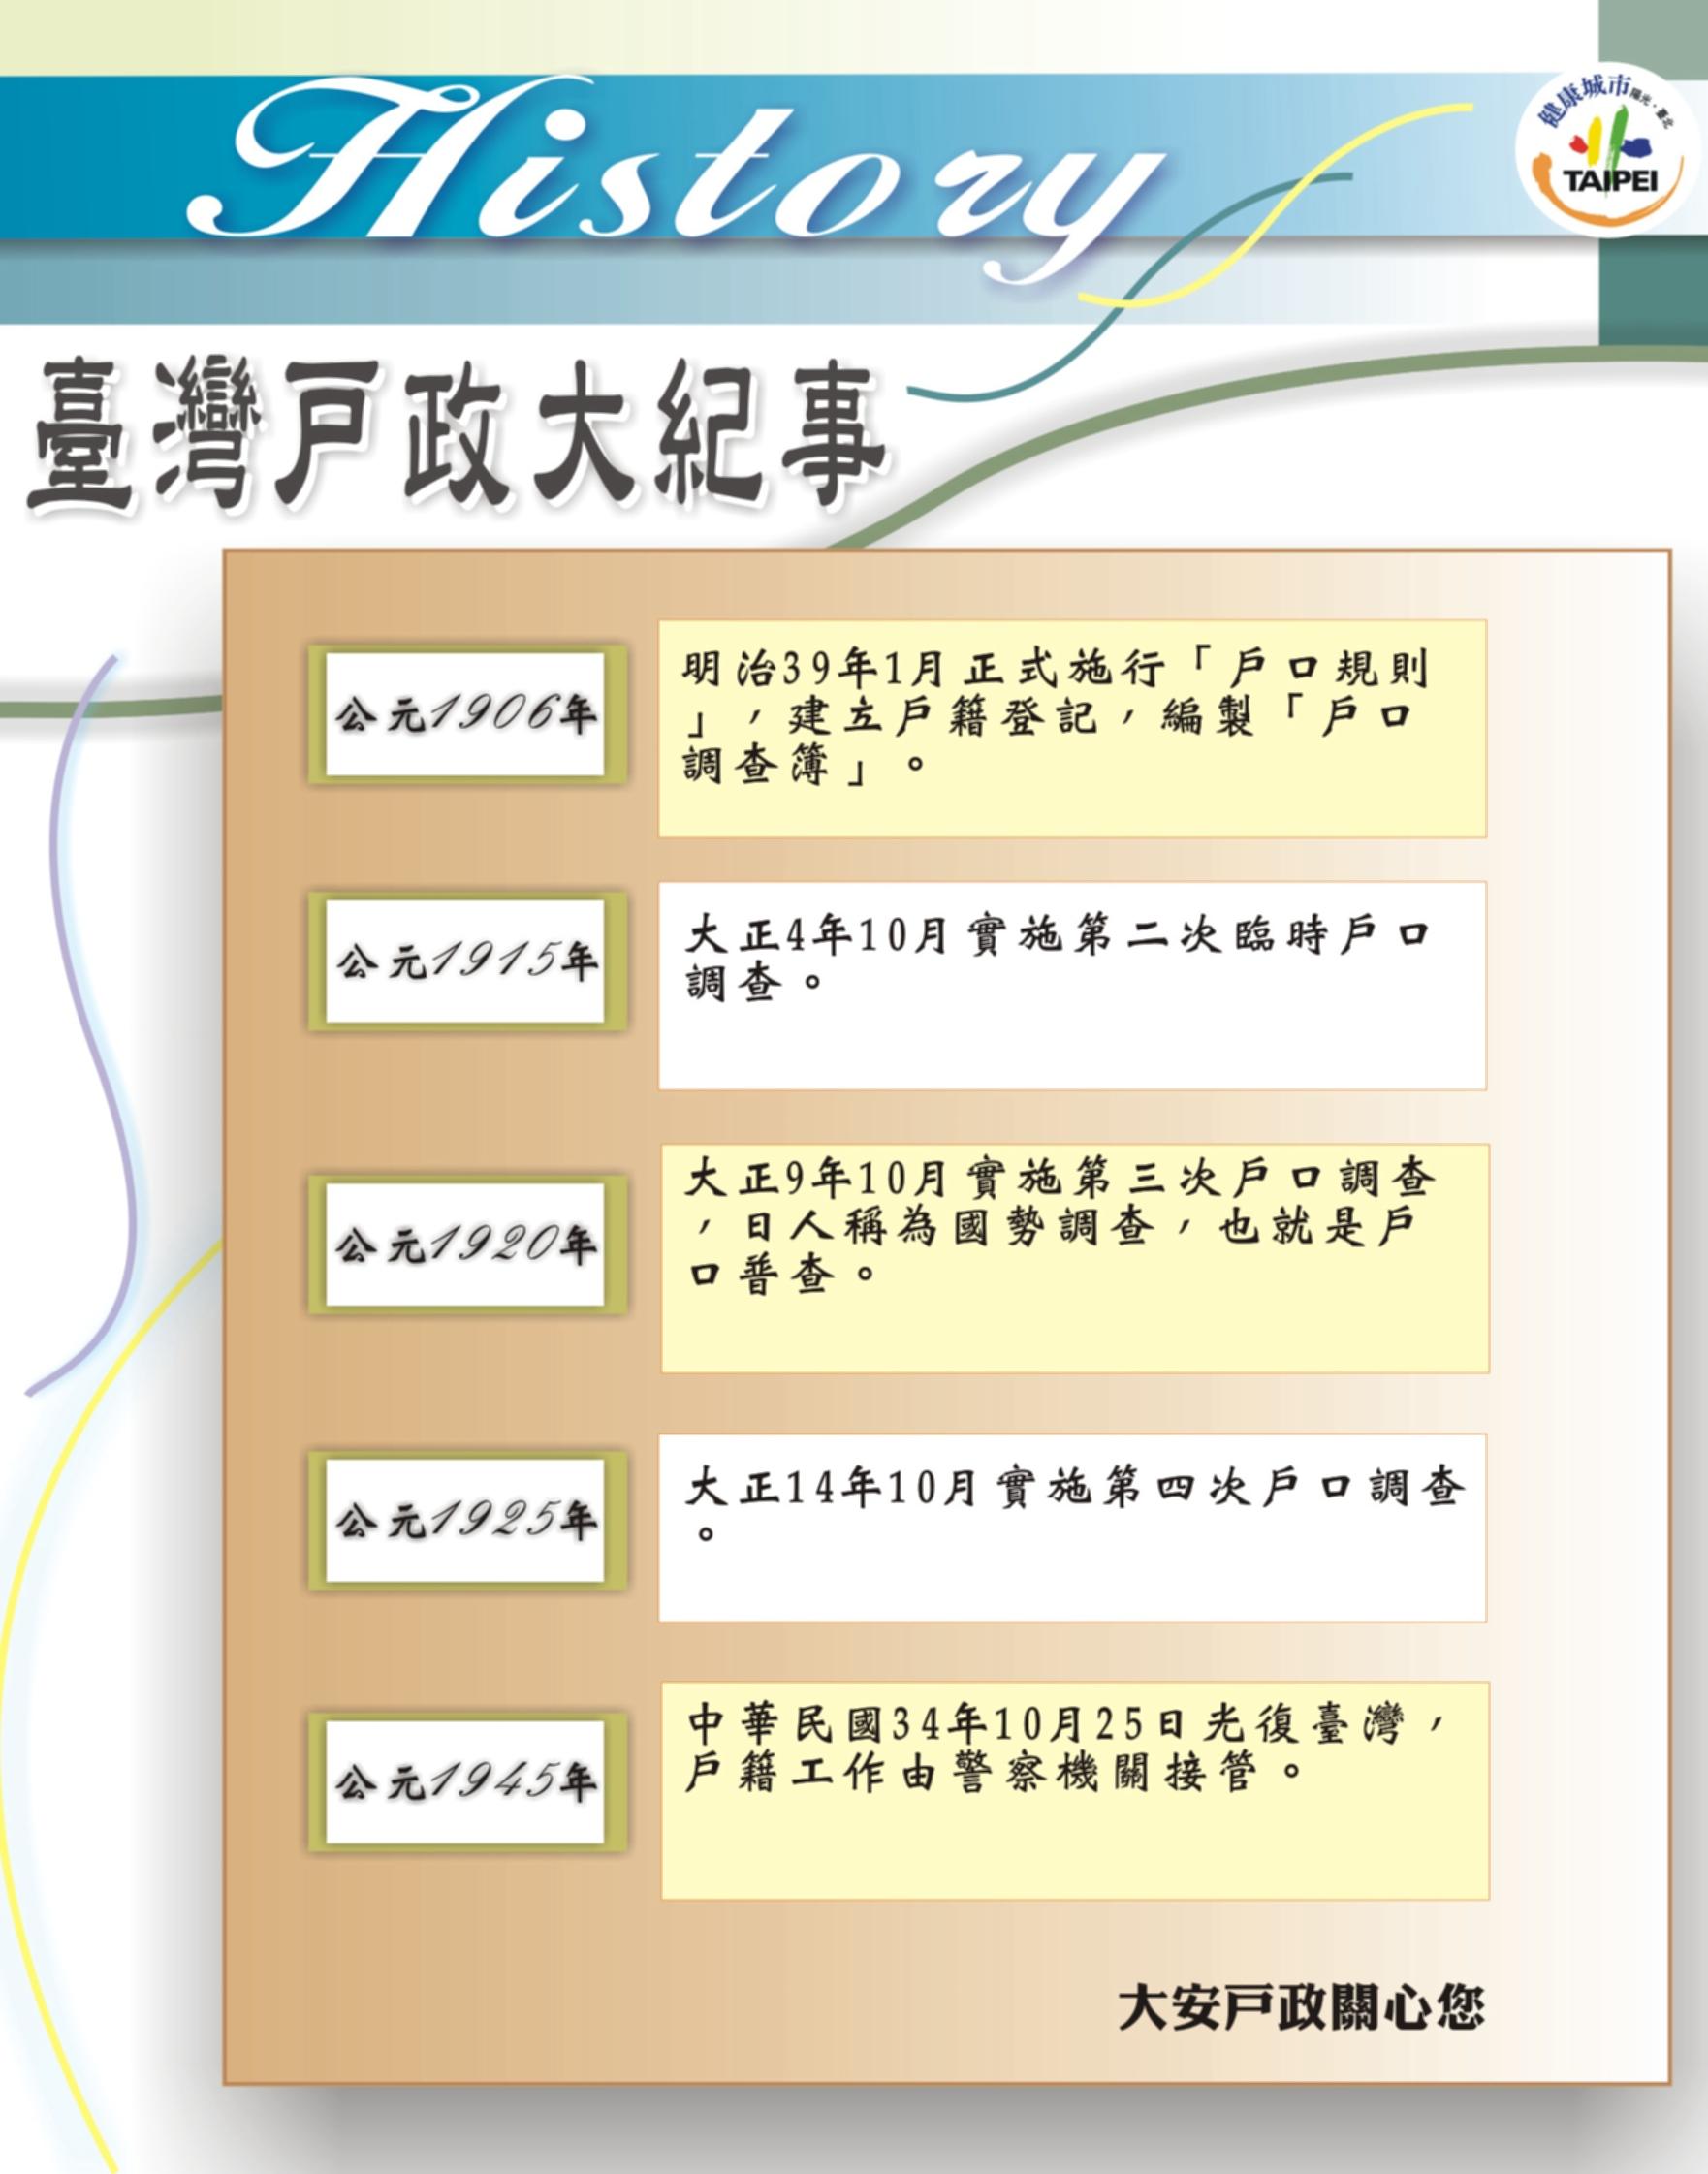 臺灣戶政大紀事公元1906-1945年,點擊此圖片會另開新視窗